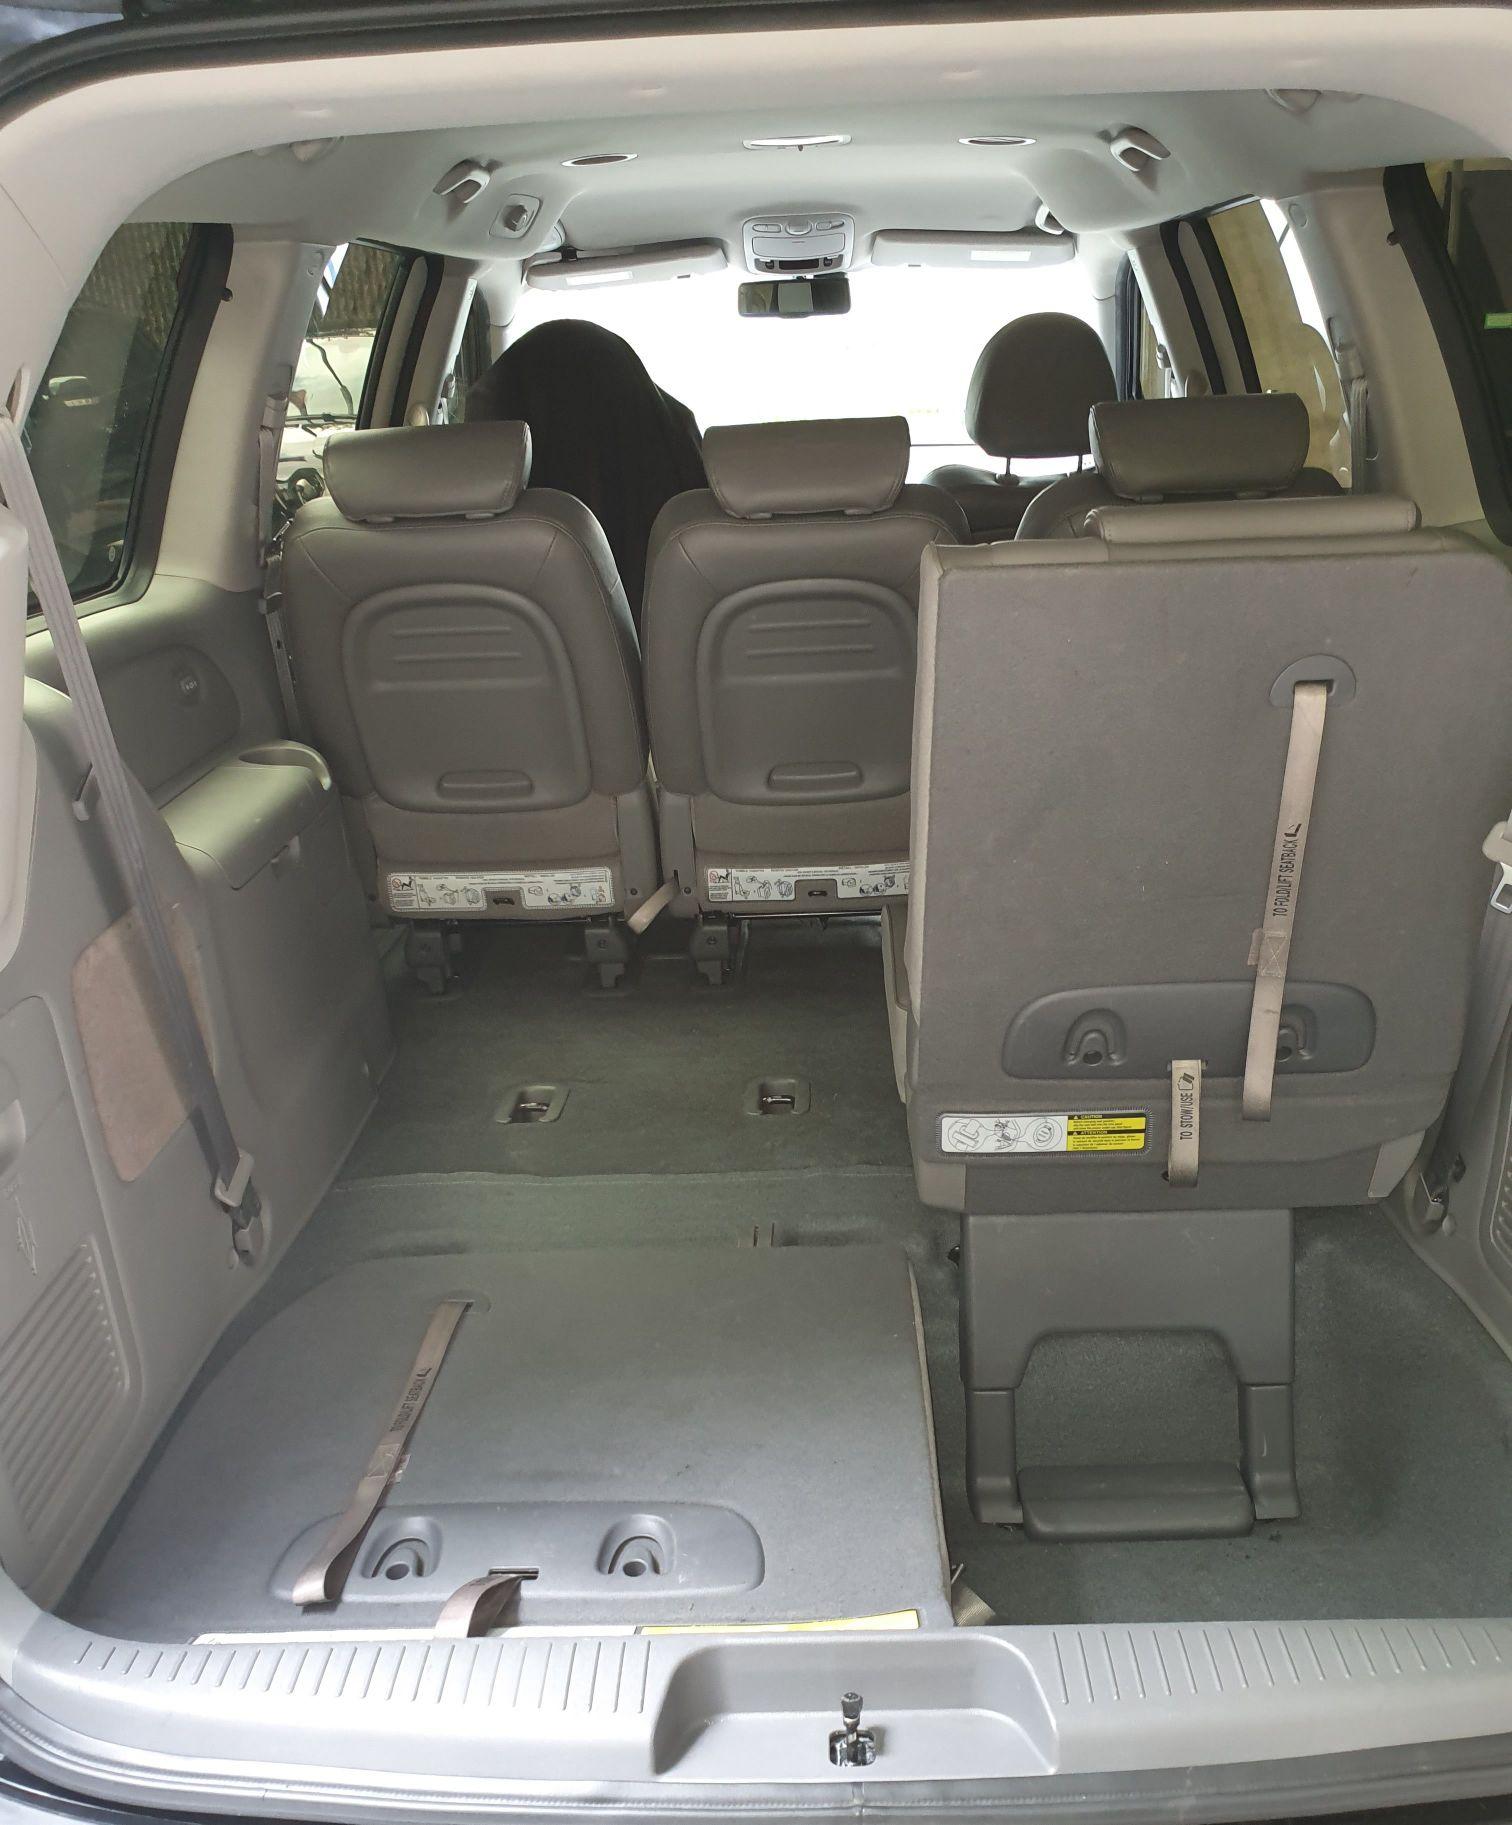 Amplo espaço para bagagem